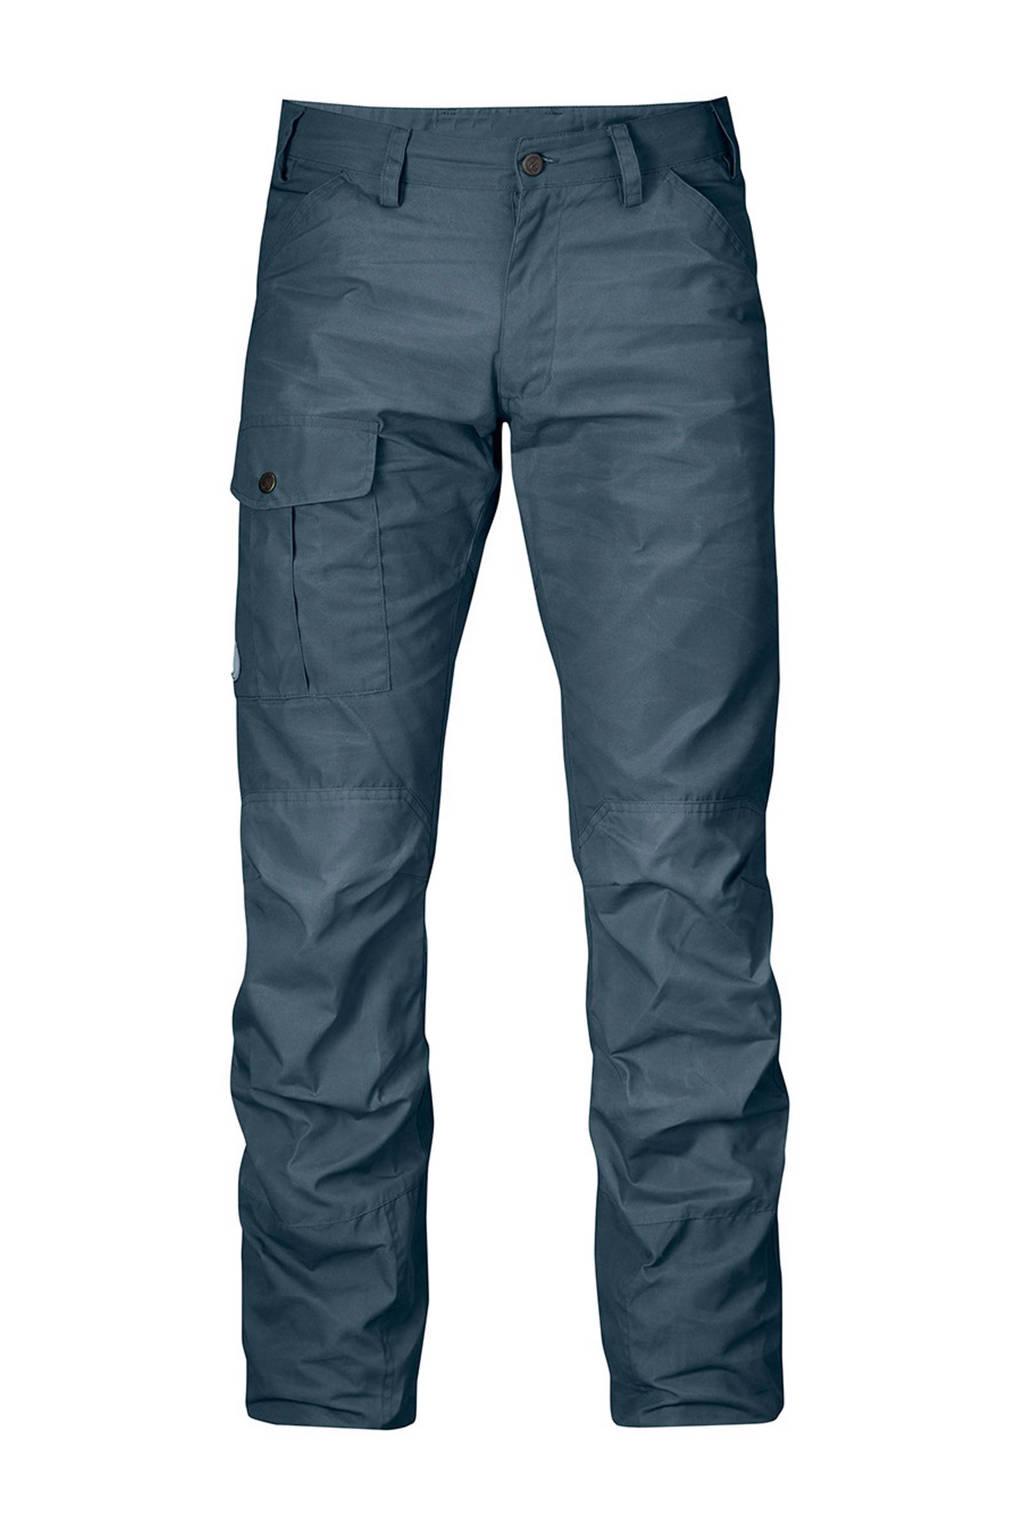 Fjällräven Nils outdoor broek grijsblauw, Grijsblauw